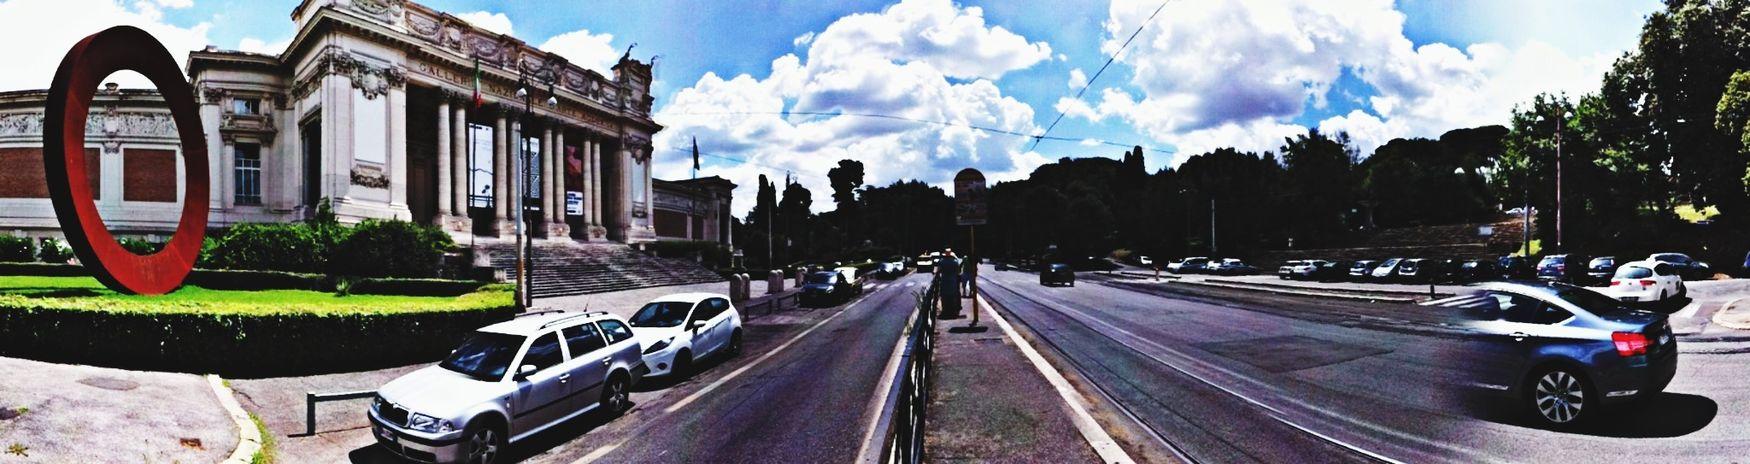 Museum Italy Roma Gnam